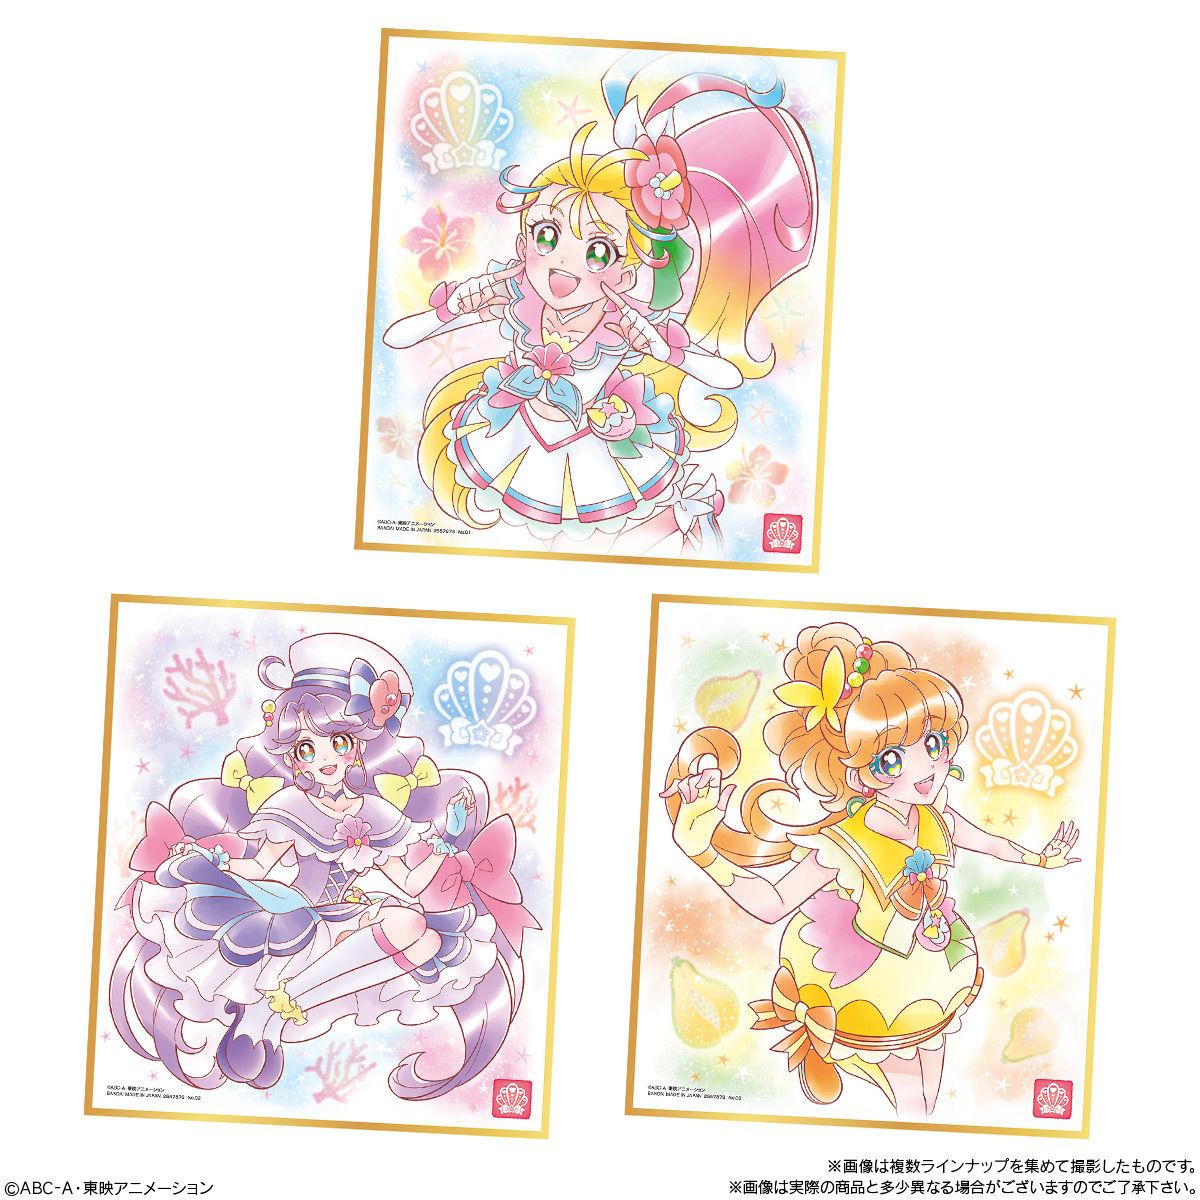 プリキュア 色紙ART4_1